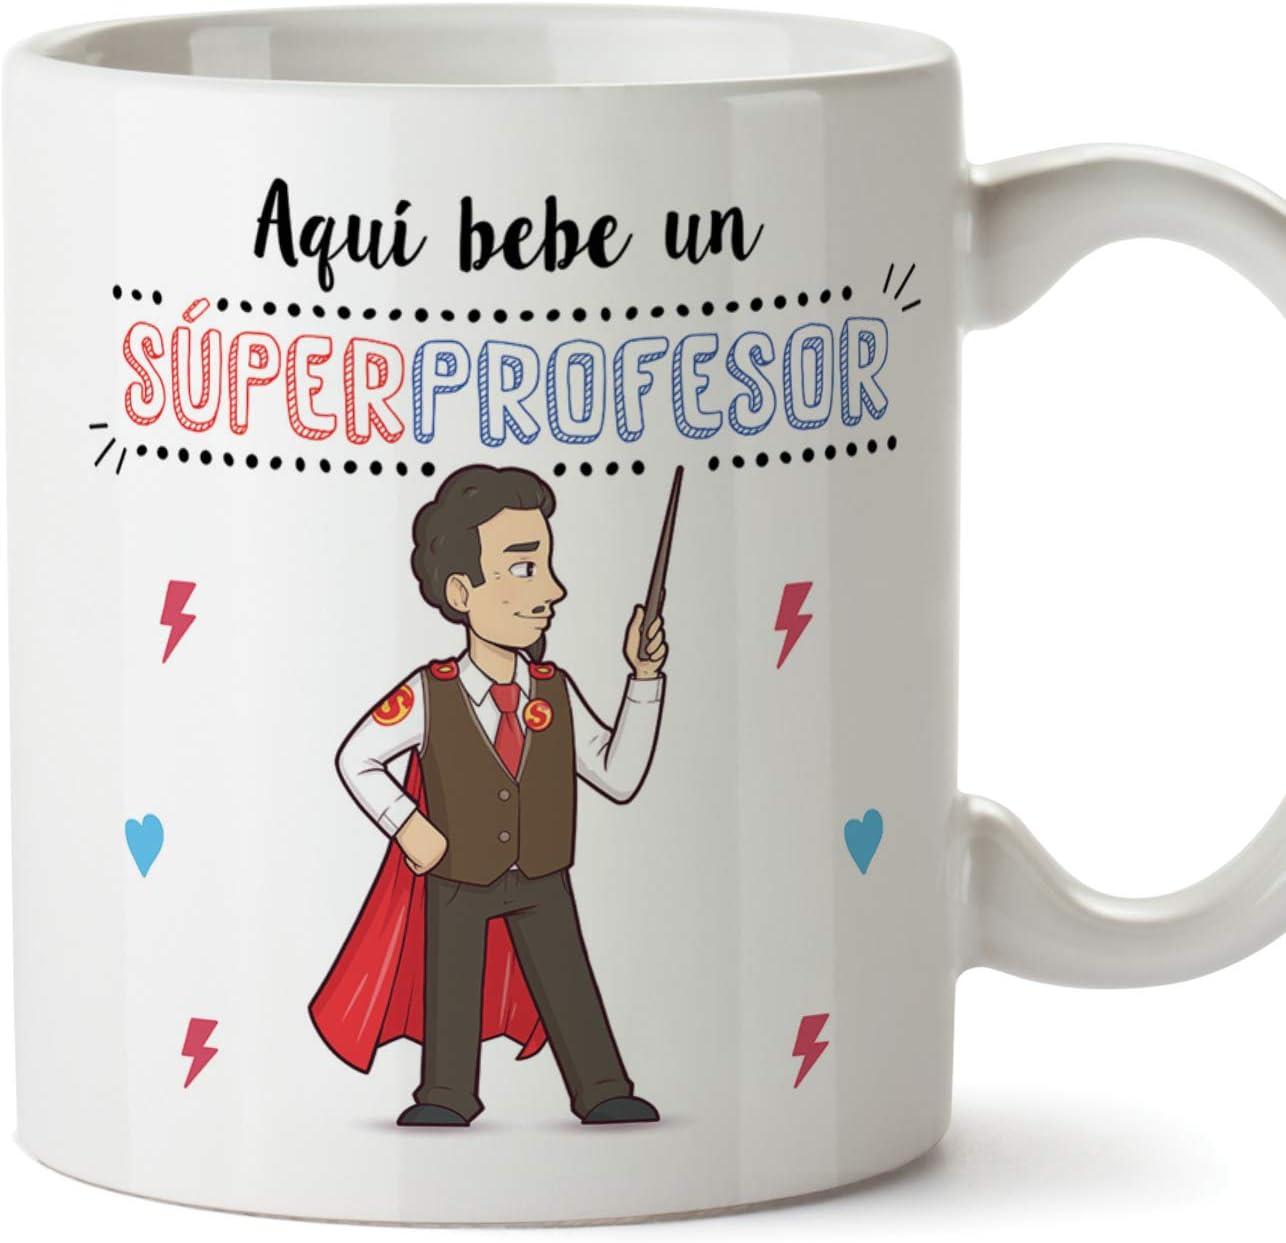 MUGFFINS Taza Profesor (Hombre) - Súper Profesor - Taza de Café/Desayuno - Regalos Originales para Profesores y Maestros - Cerámica 350 ml / 11oz